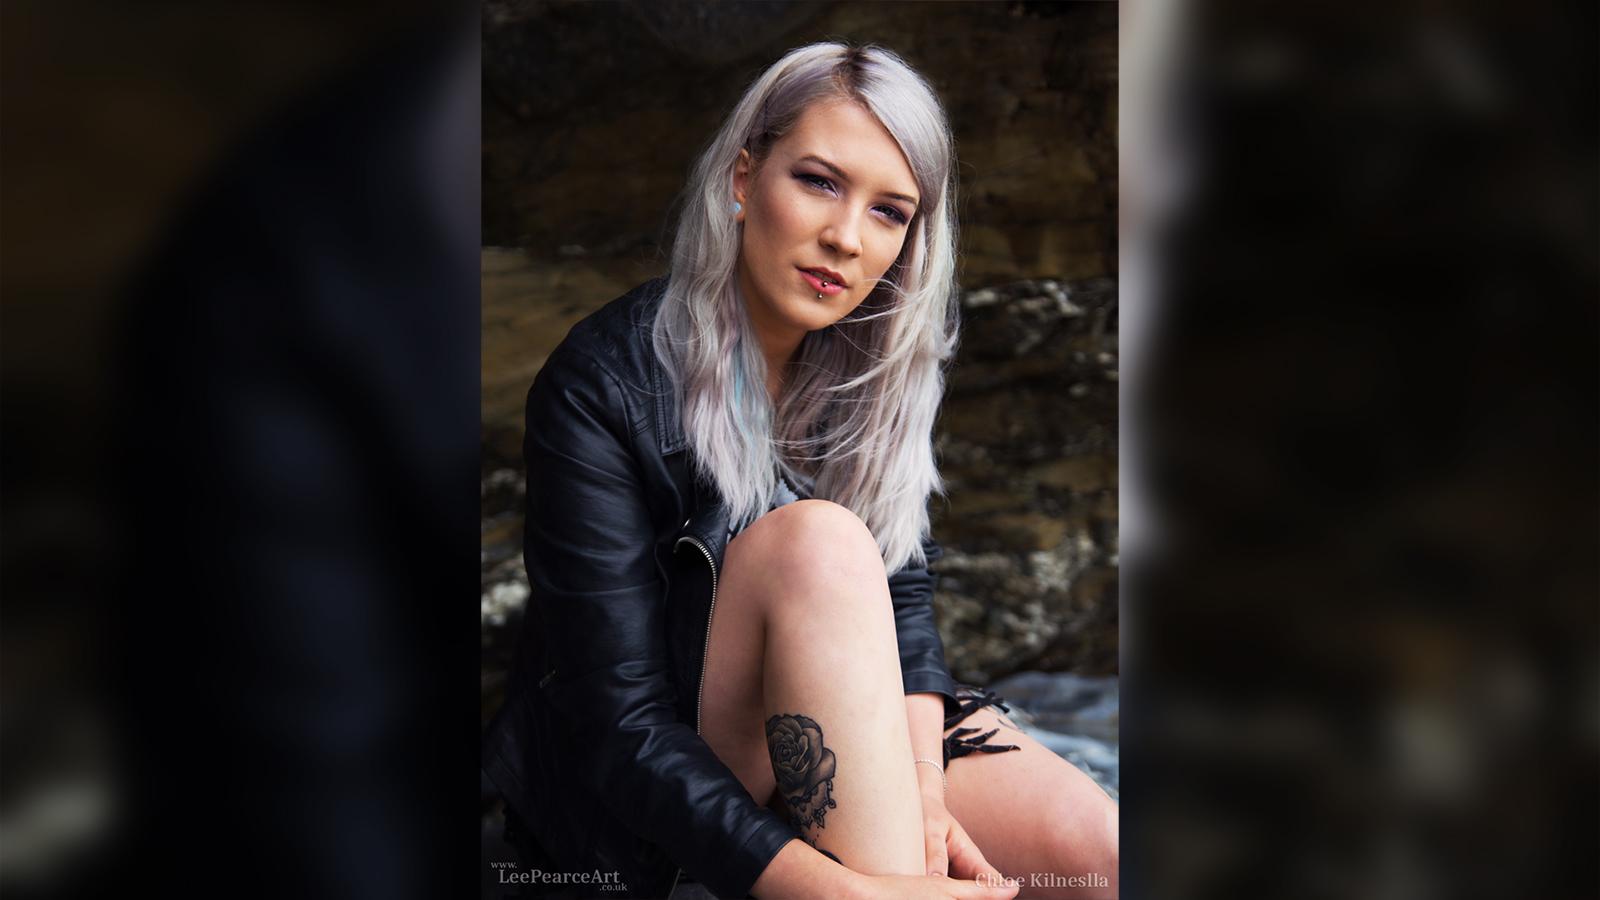 ChloeK4